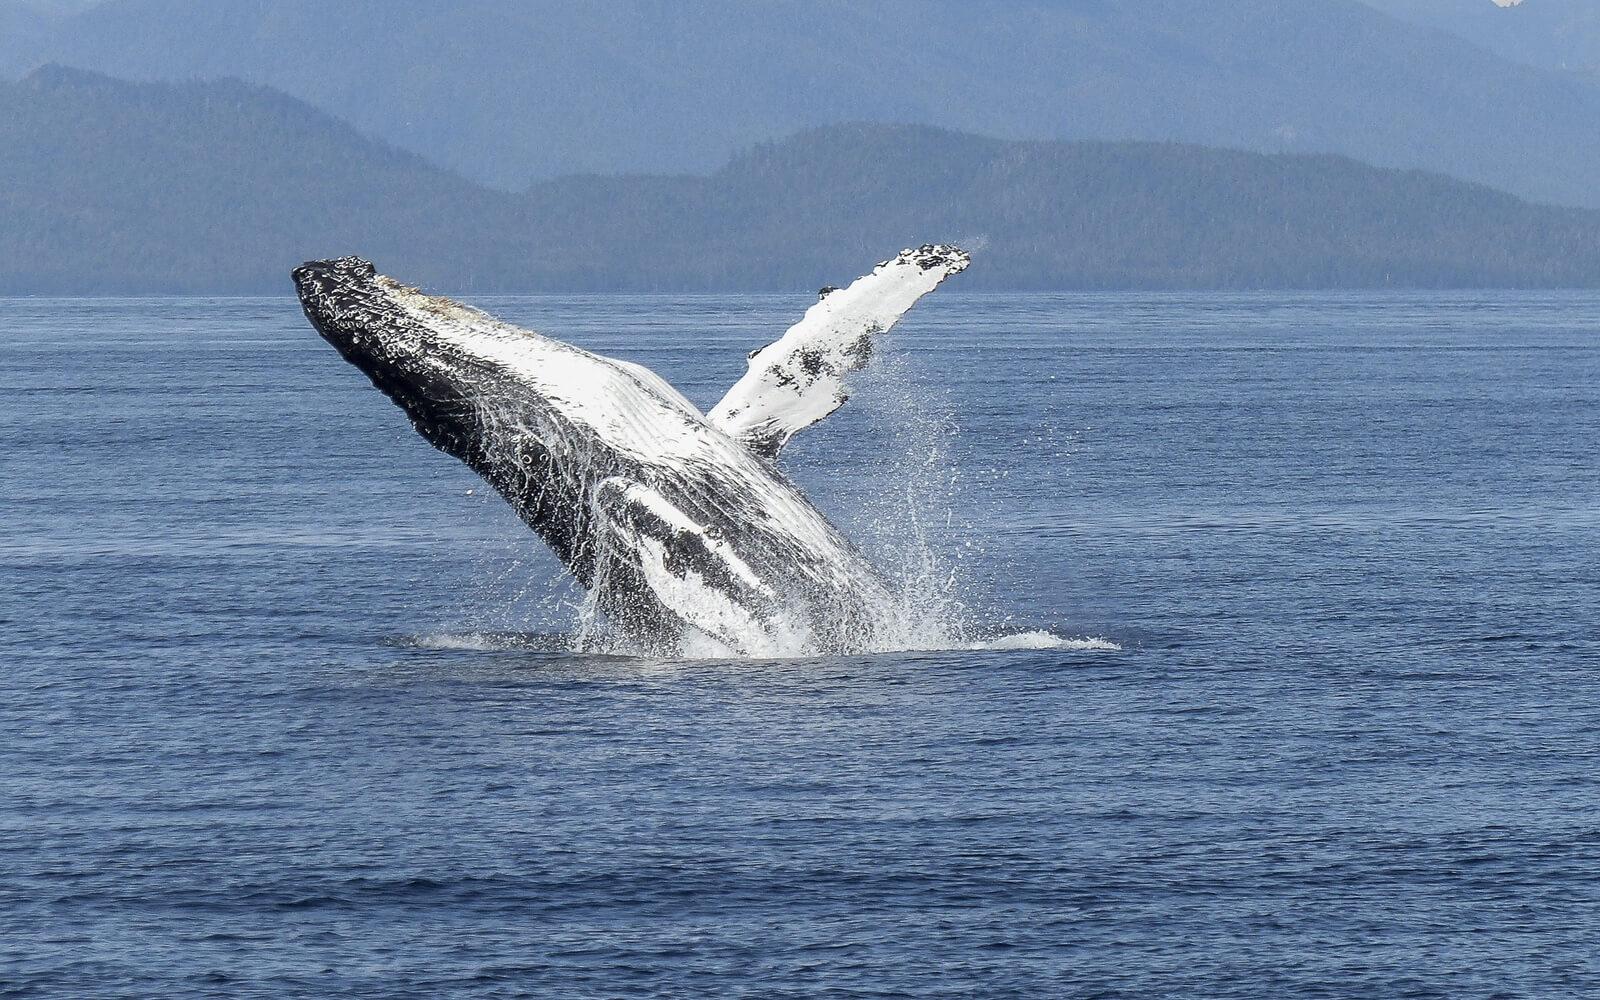 A Humpback Whale breaches